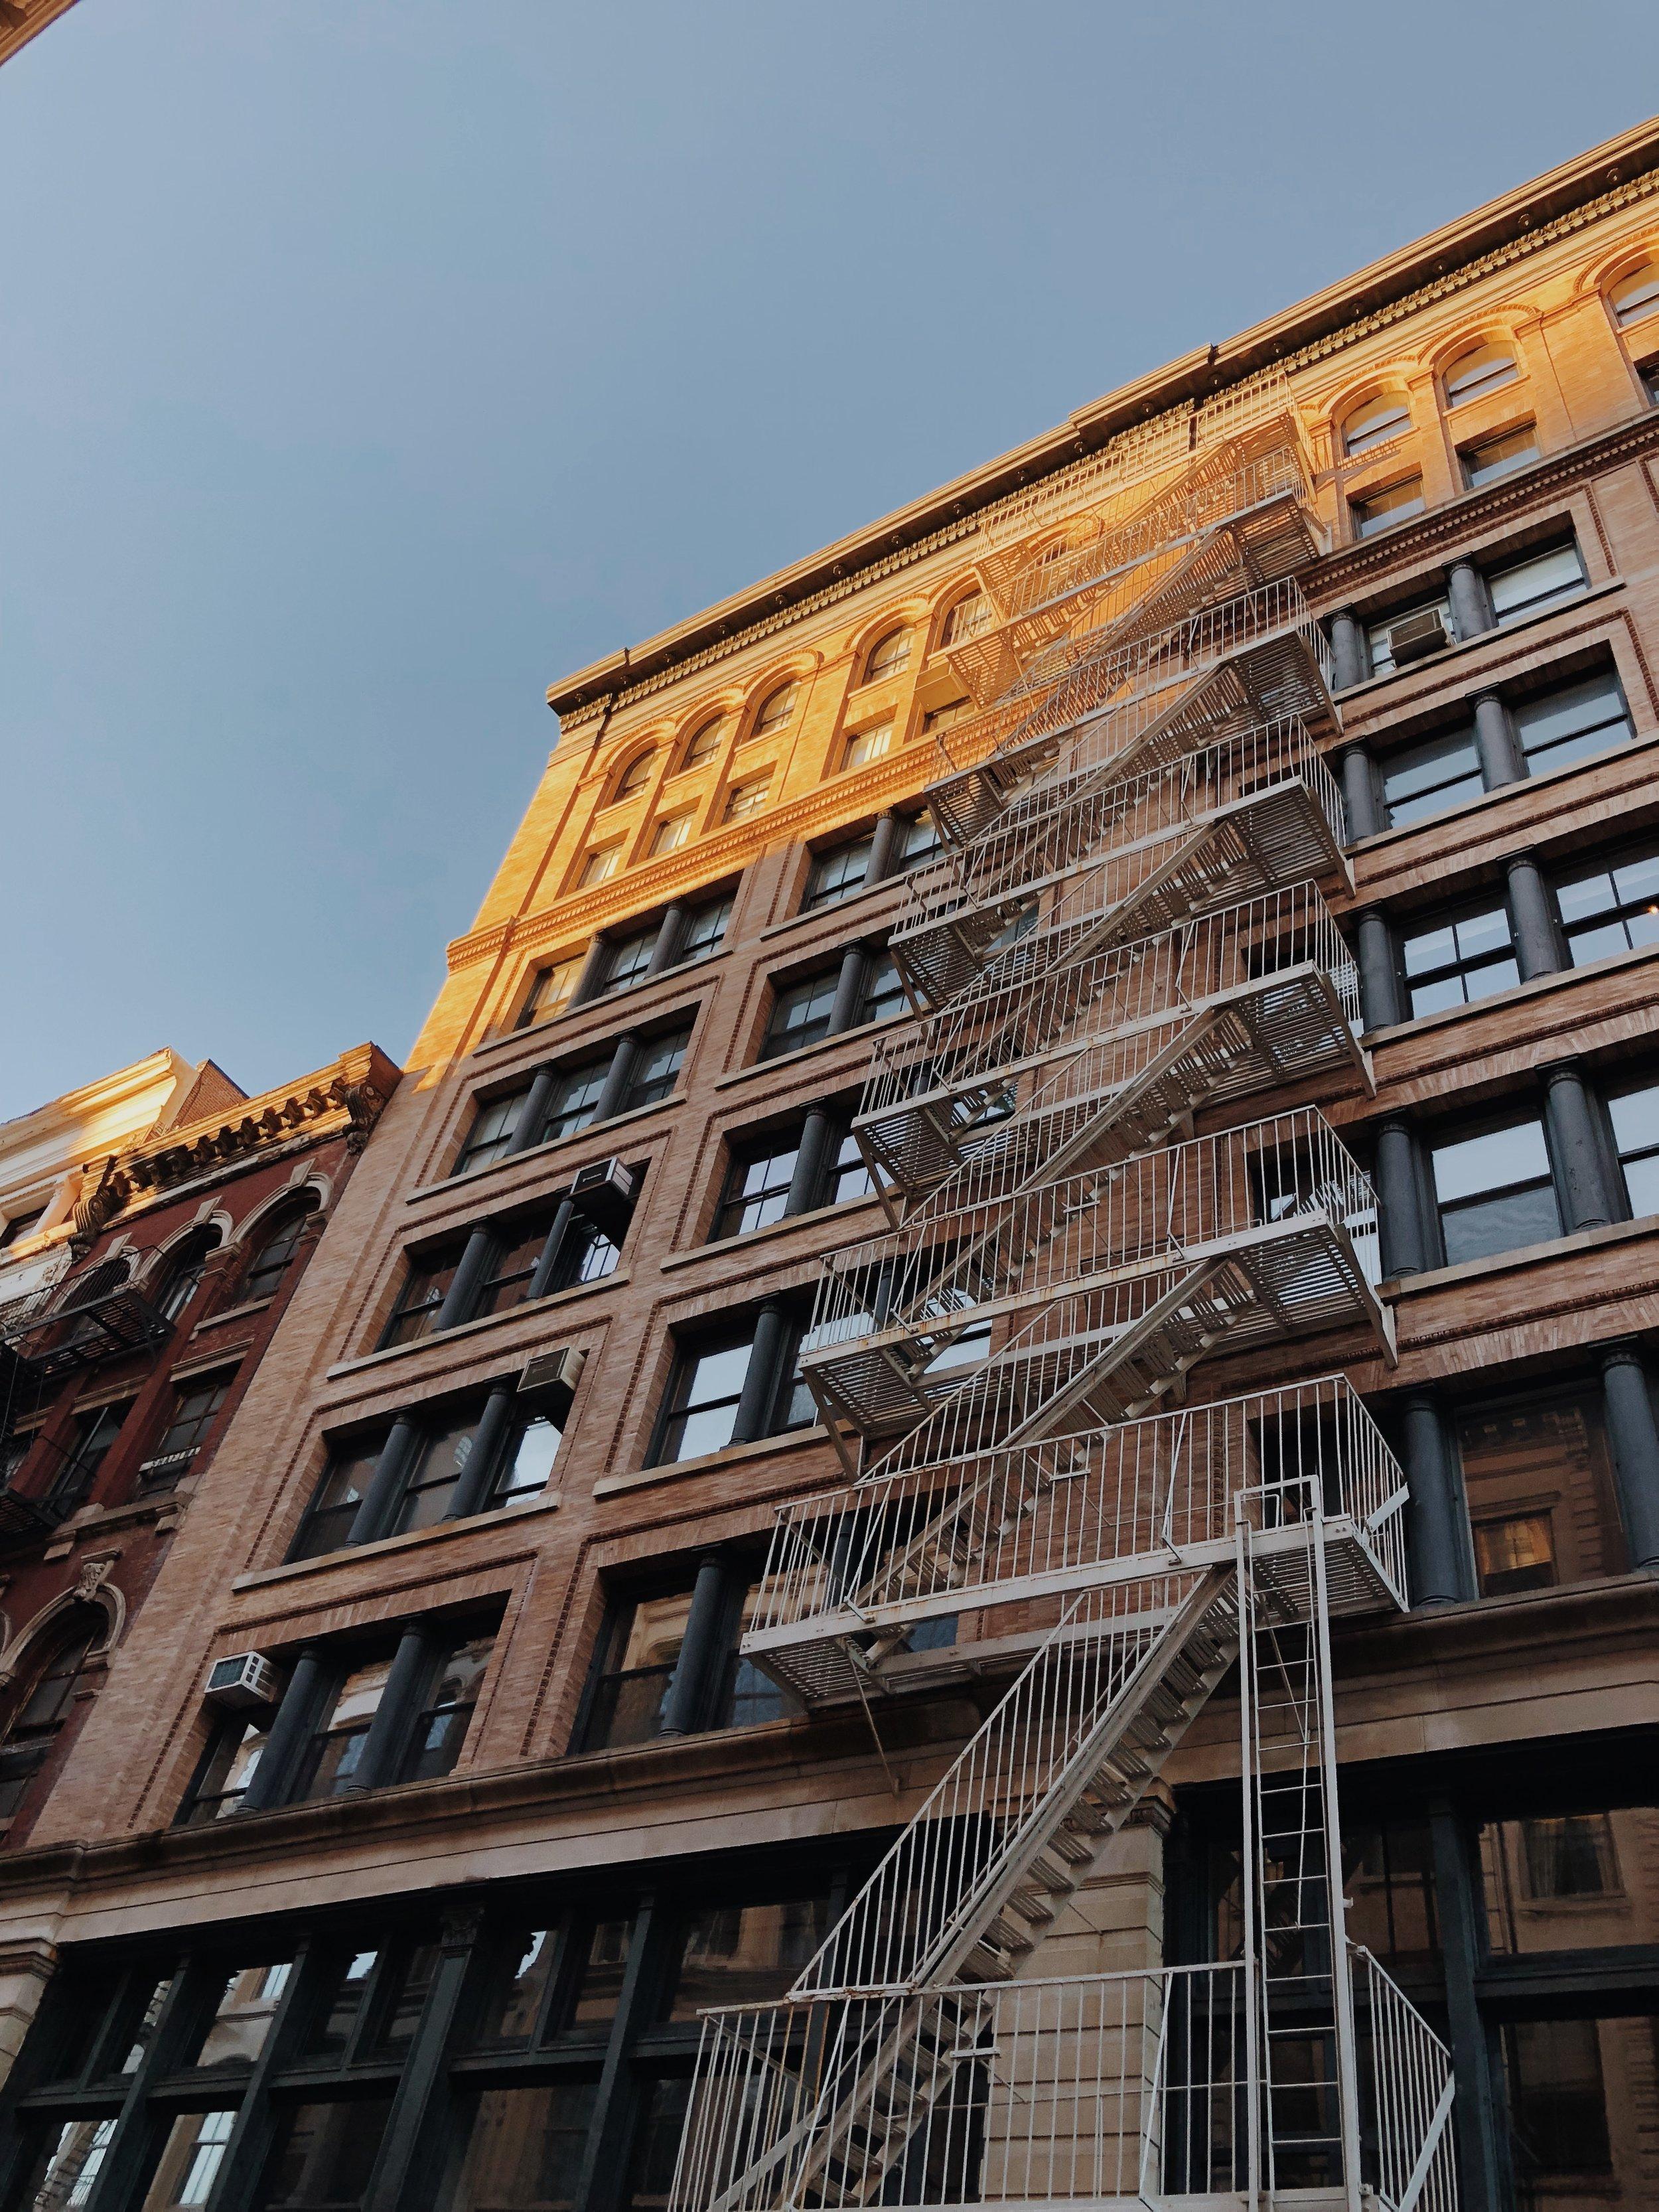 - Lower Manhattan